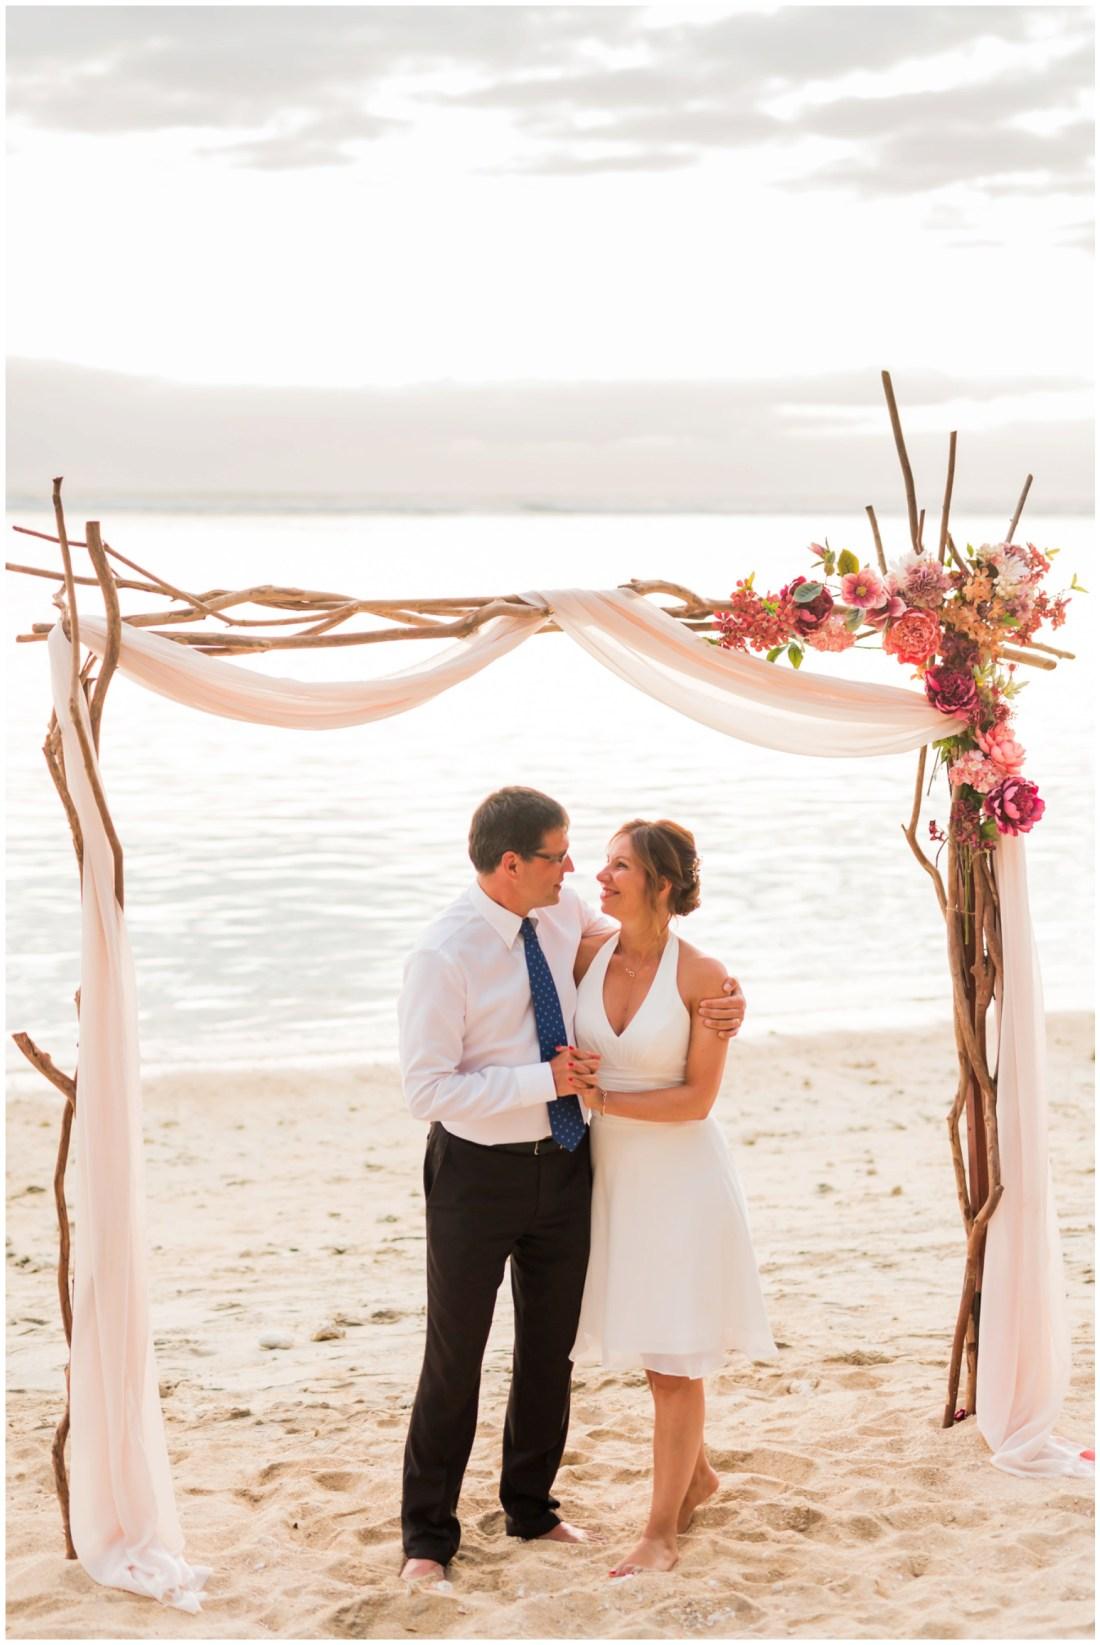 Un couple amoureux sur la plage lors de leur renouvellement de voeux de mariage